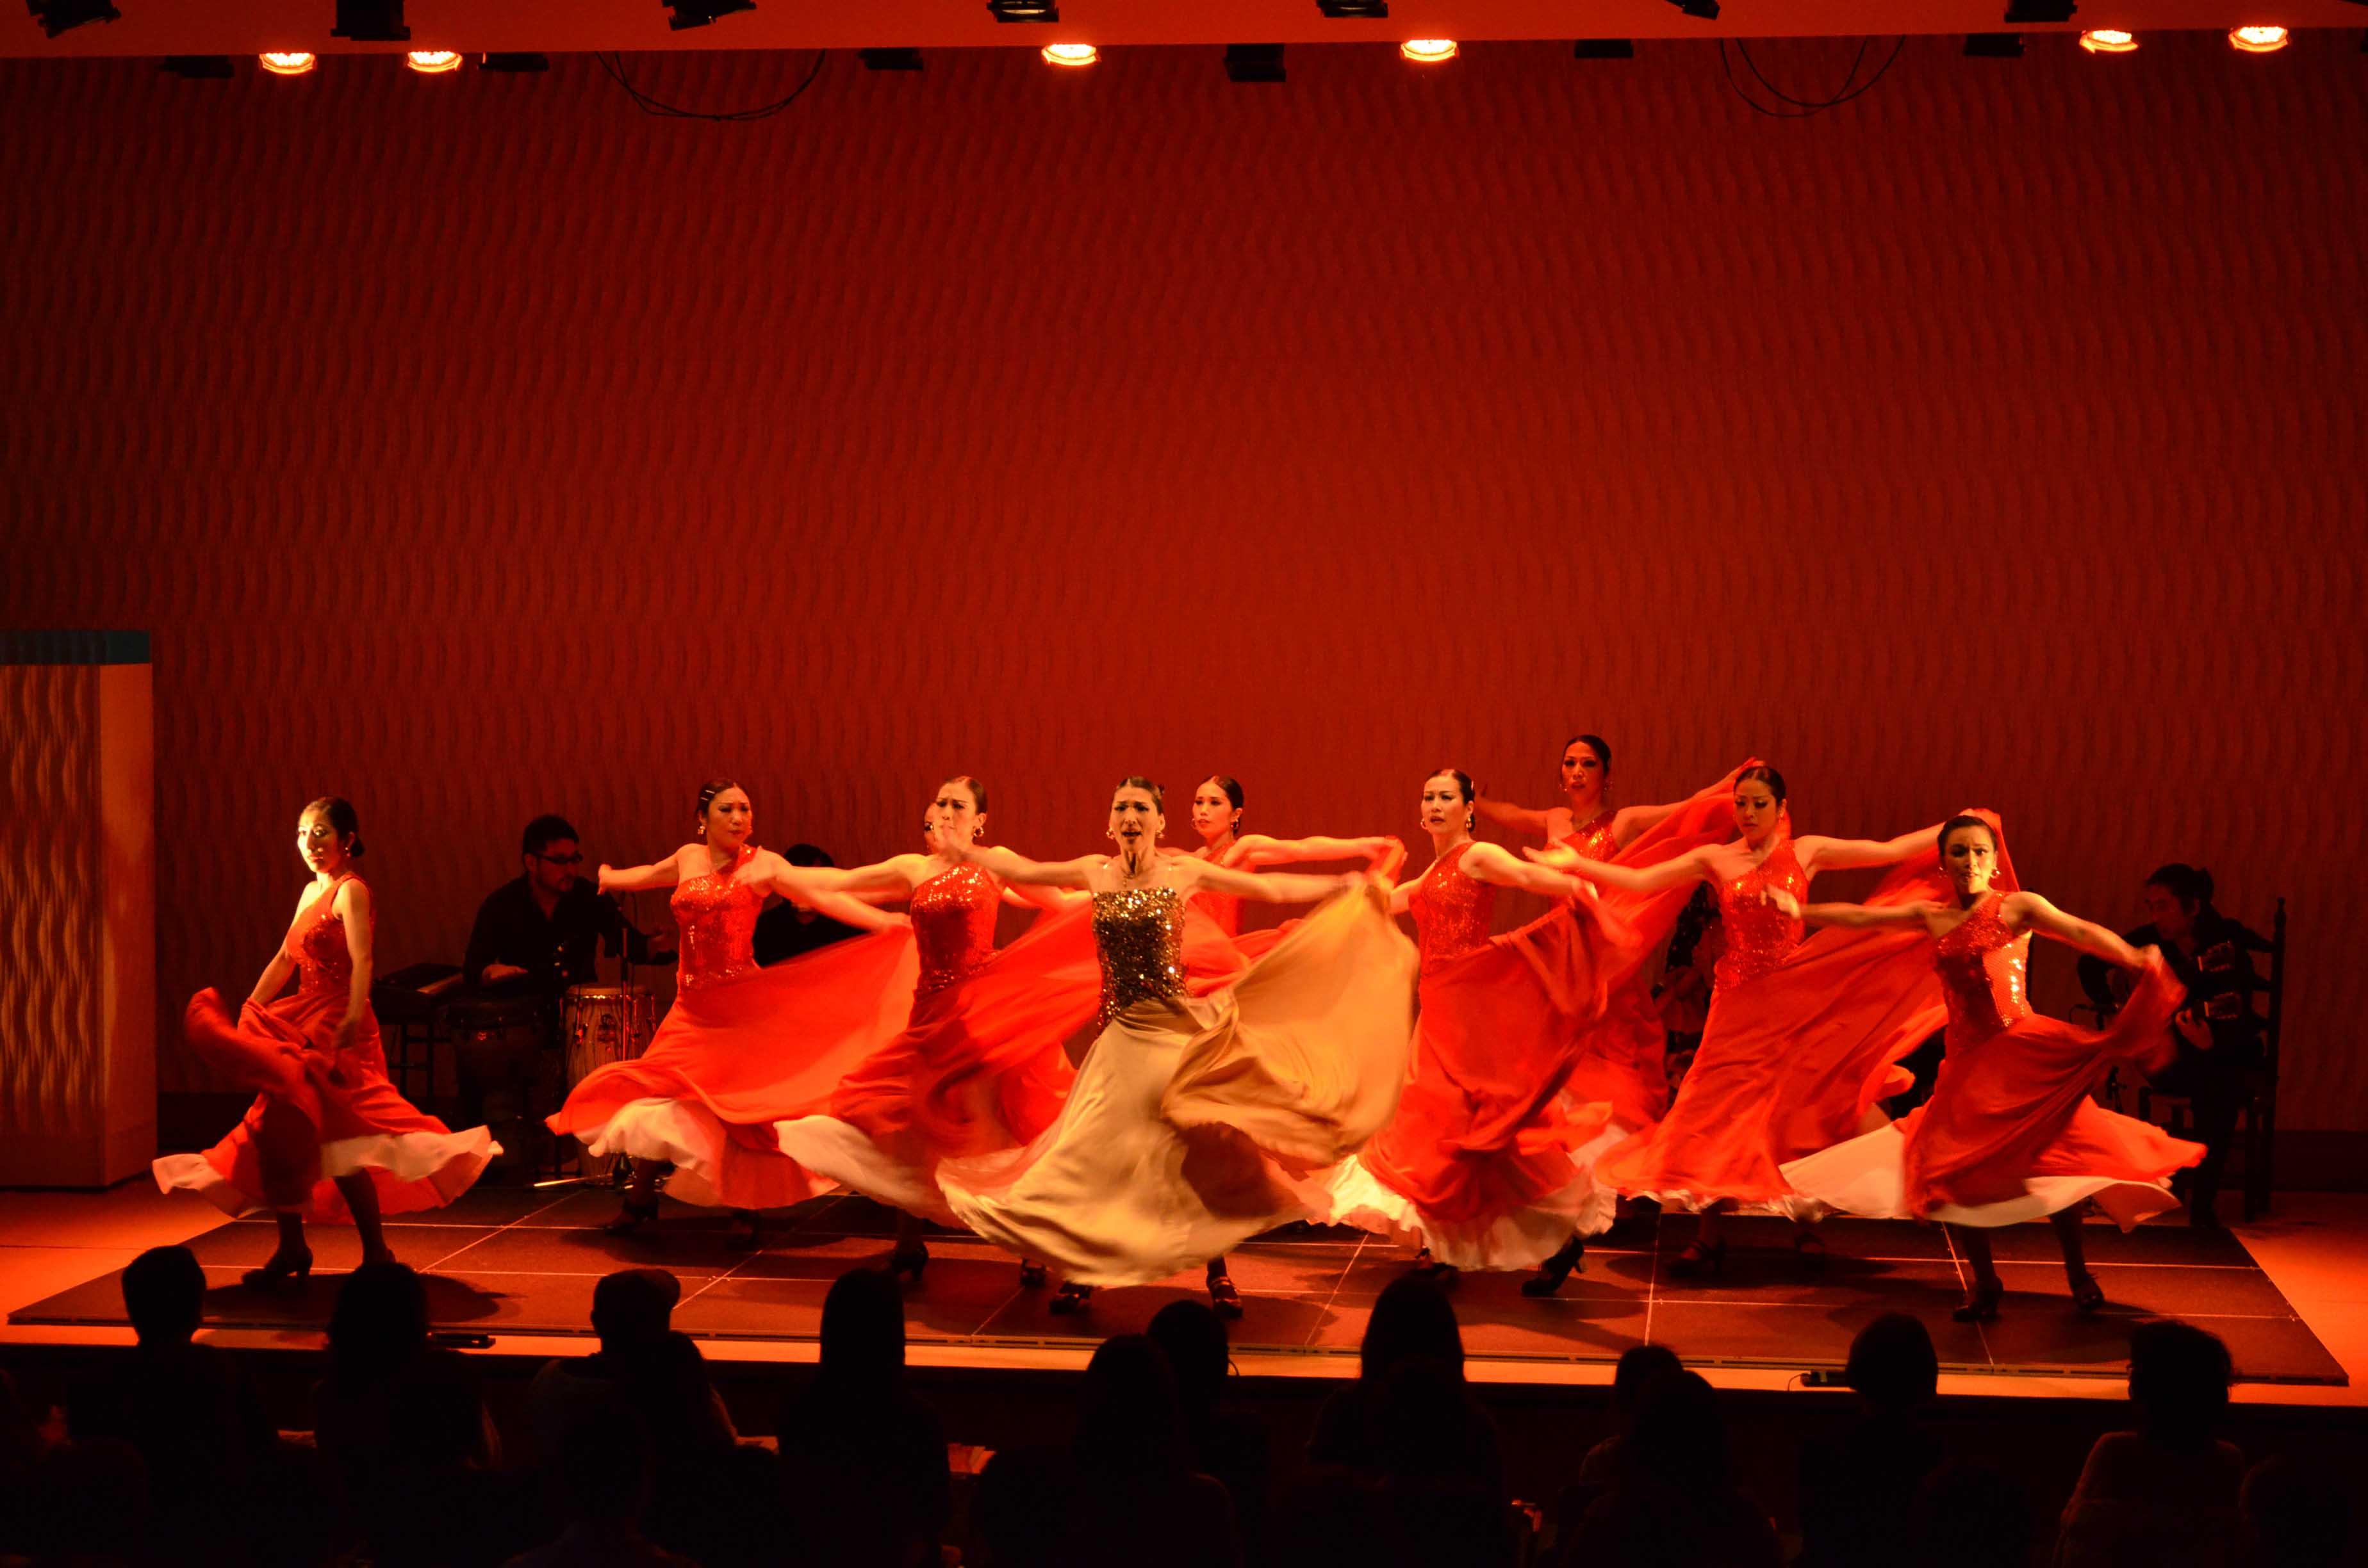 「音旅」第19便 魂の宿る歌と踊り フラメンコの世界 〜セントレアホール〜 2015/2/15